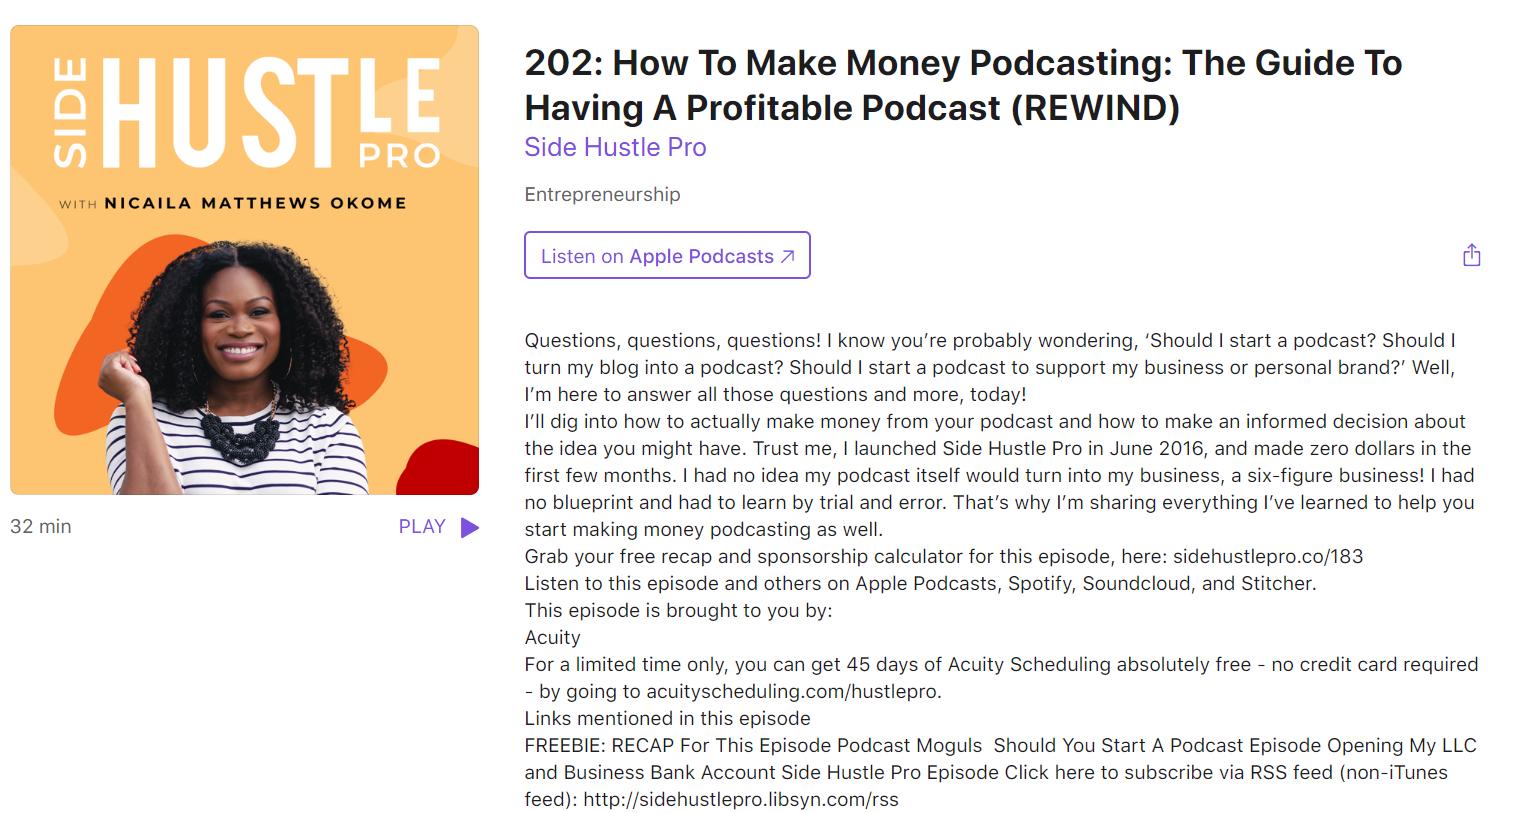 Side Hustle Pro podcast